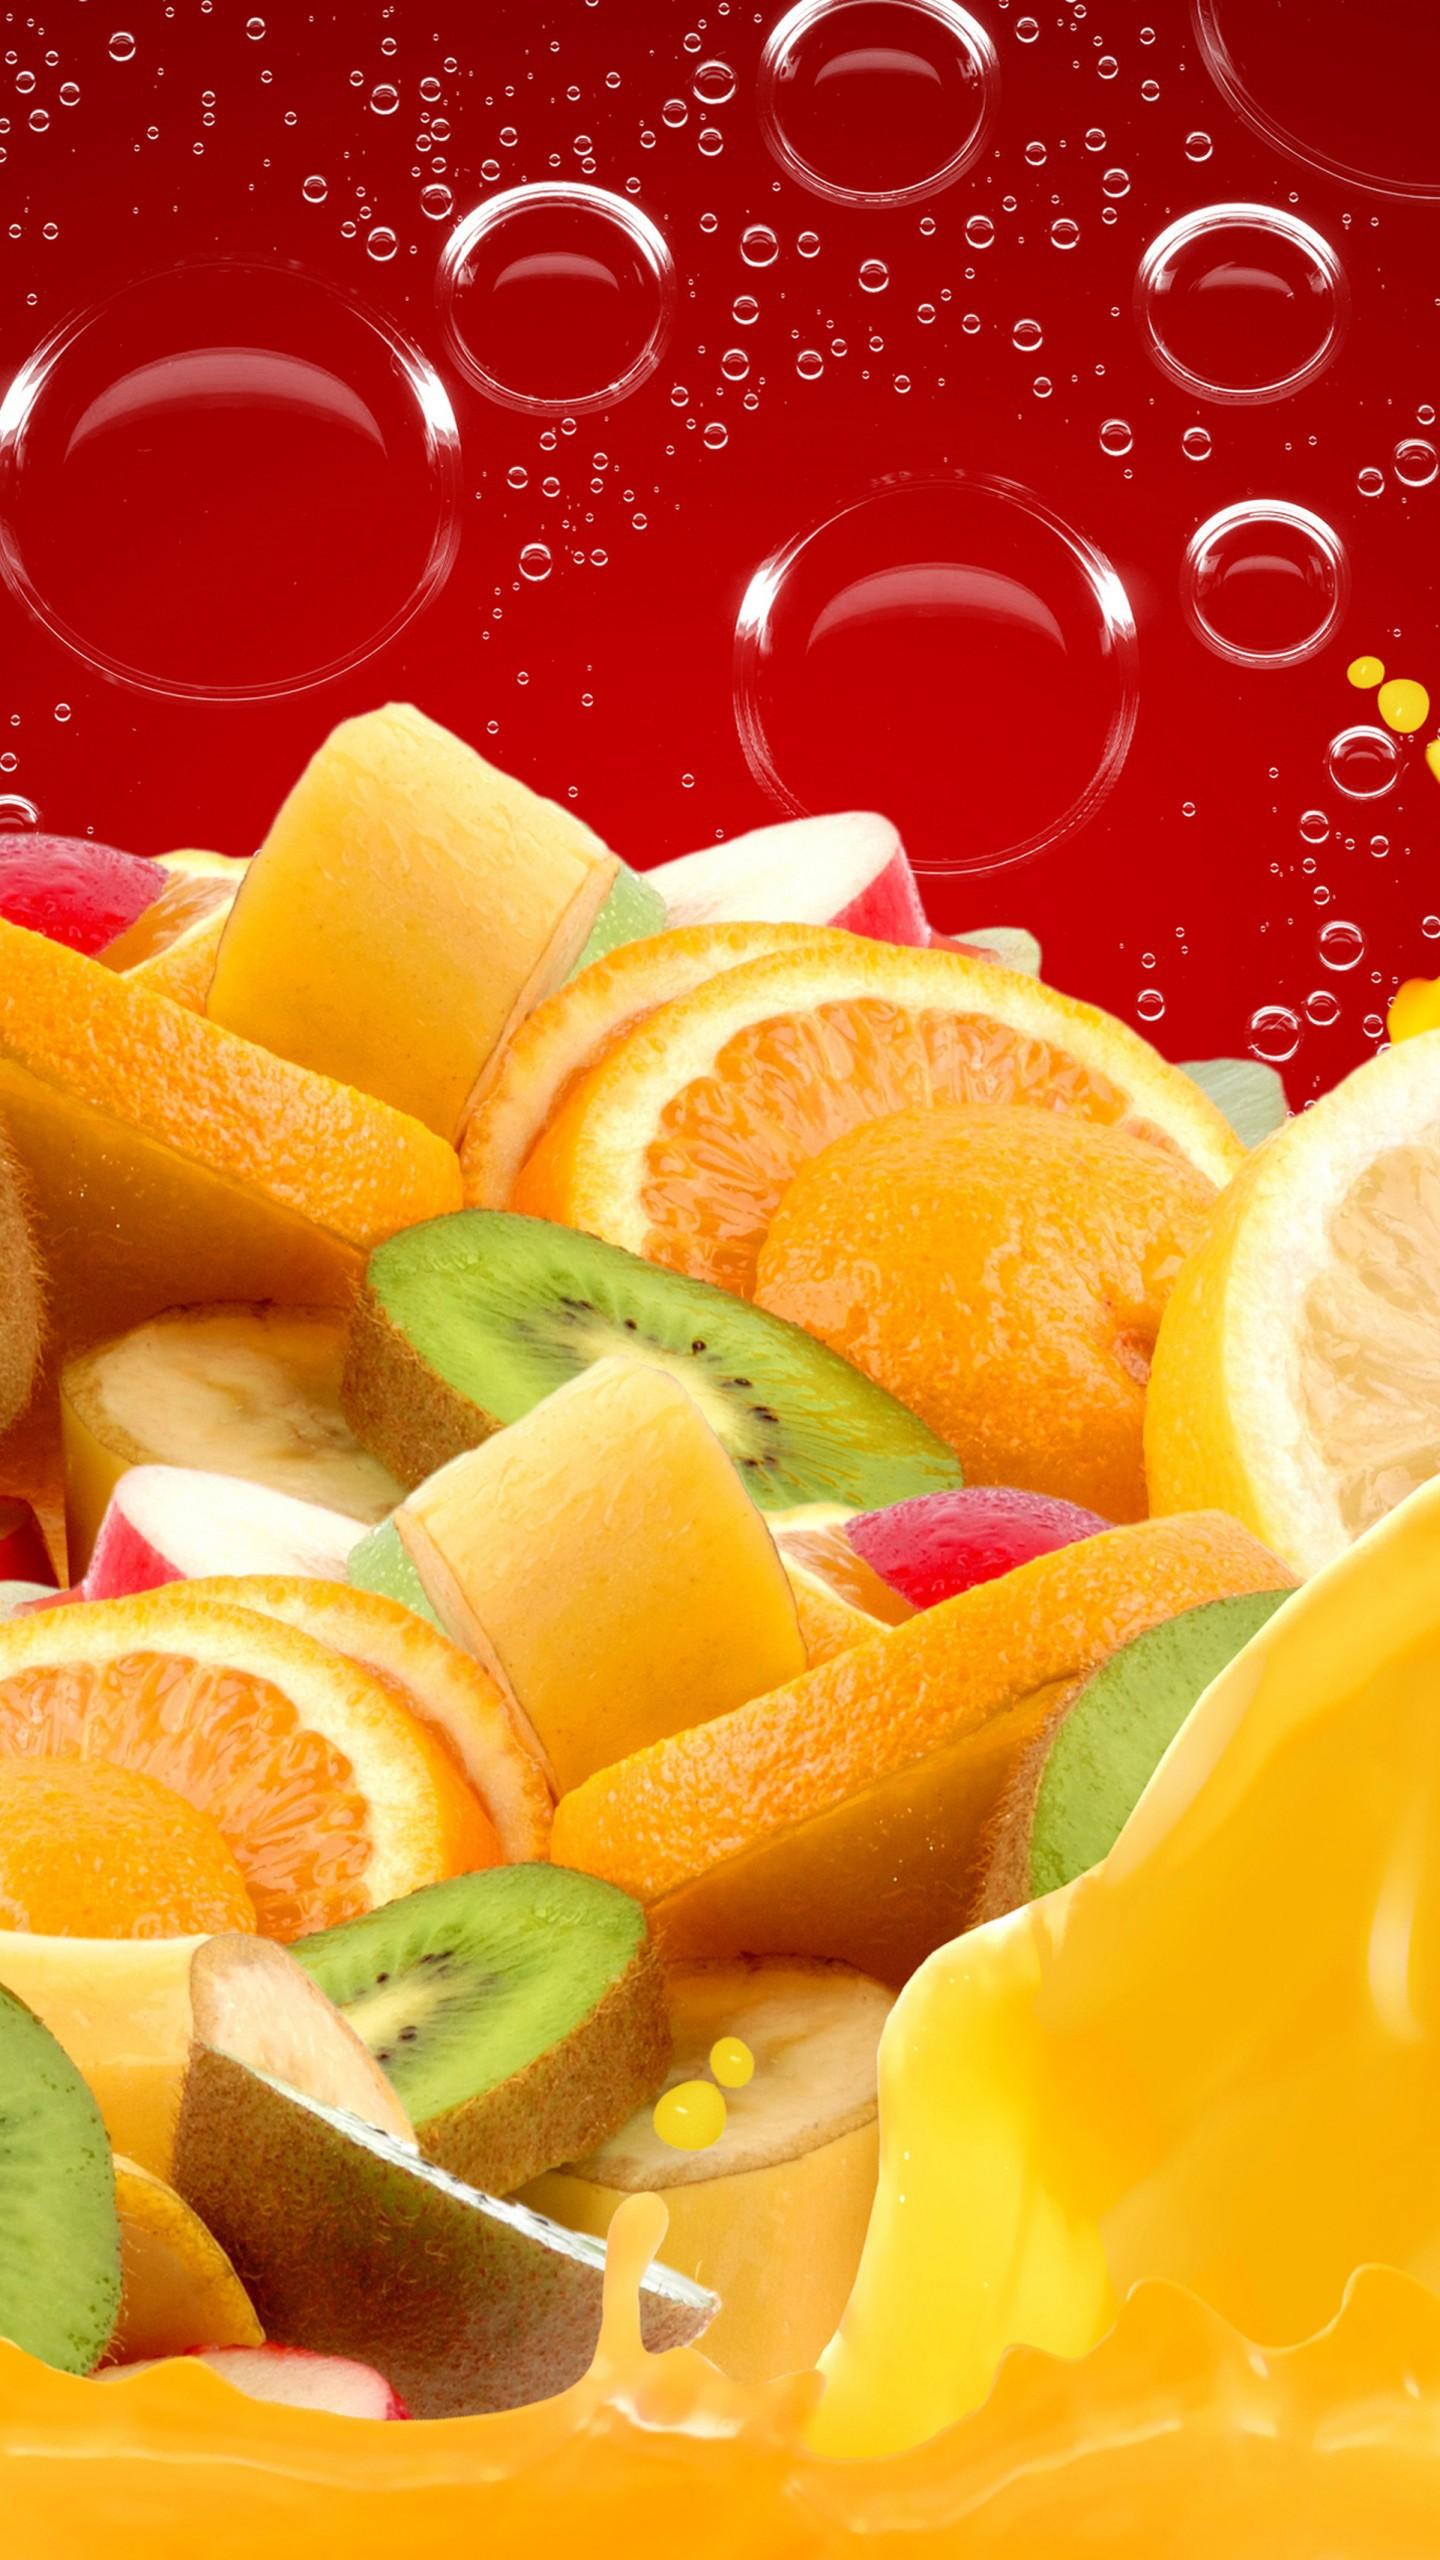 عکس زمینه سبک زندگی با میوه های پرتقال کیوی و موز پس زمینه